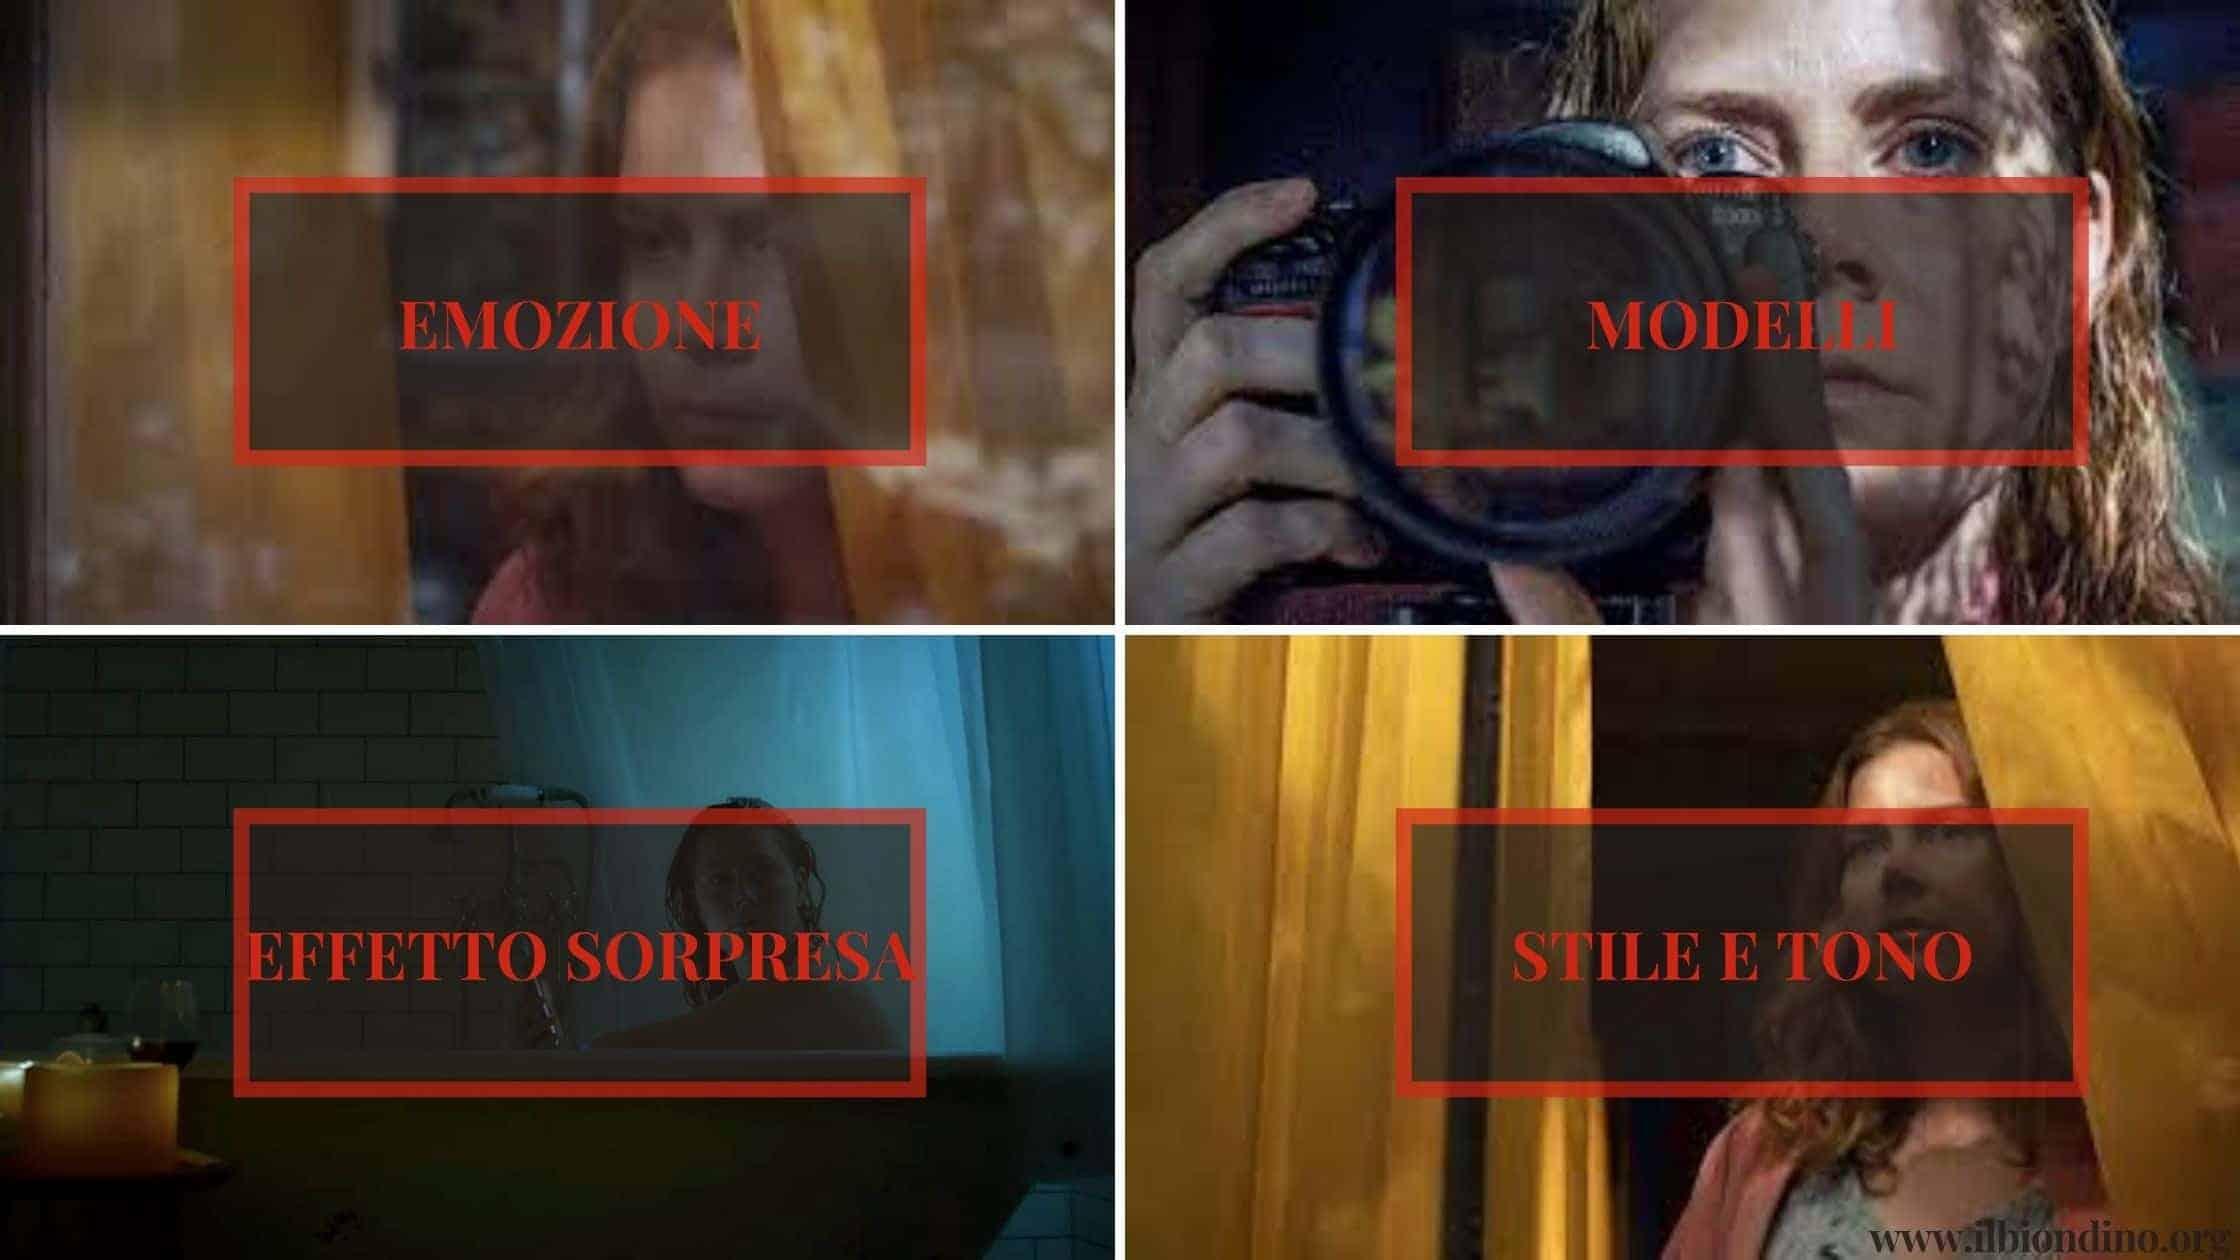 Analisi-linguaggio-visivo-genere-thriller-psicologico-film-Netflix-la-donna-alla-finestra-blog-il-Biondino-della-Spider-Rossa-Crimine-Giustizia-Media-ProsMedia-Agenzia-Corte&Media